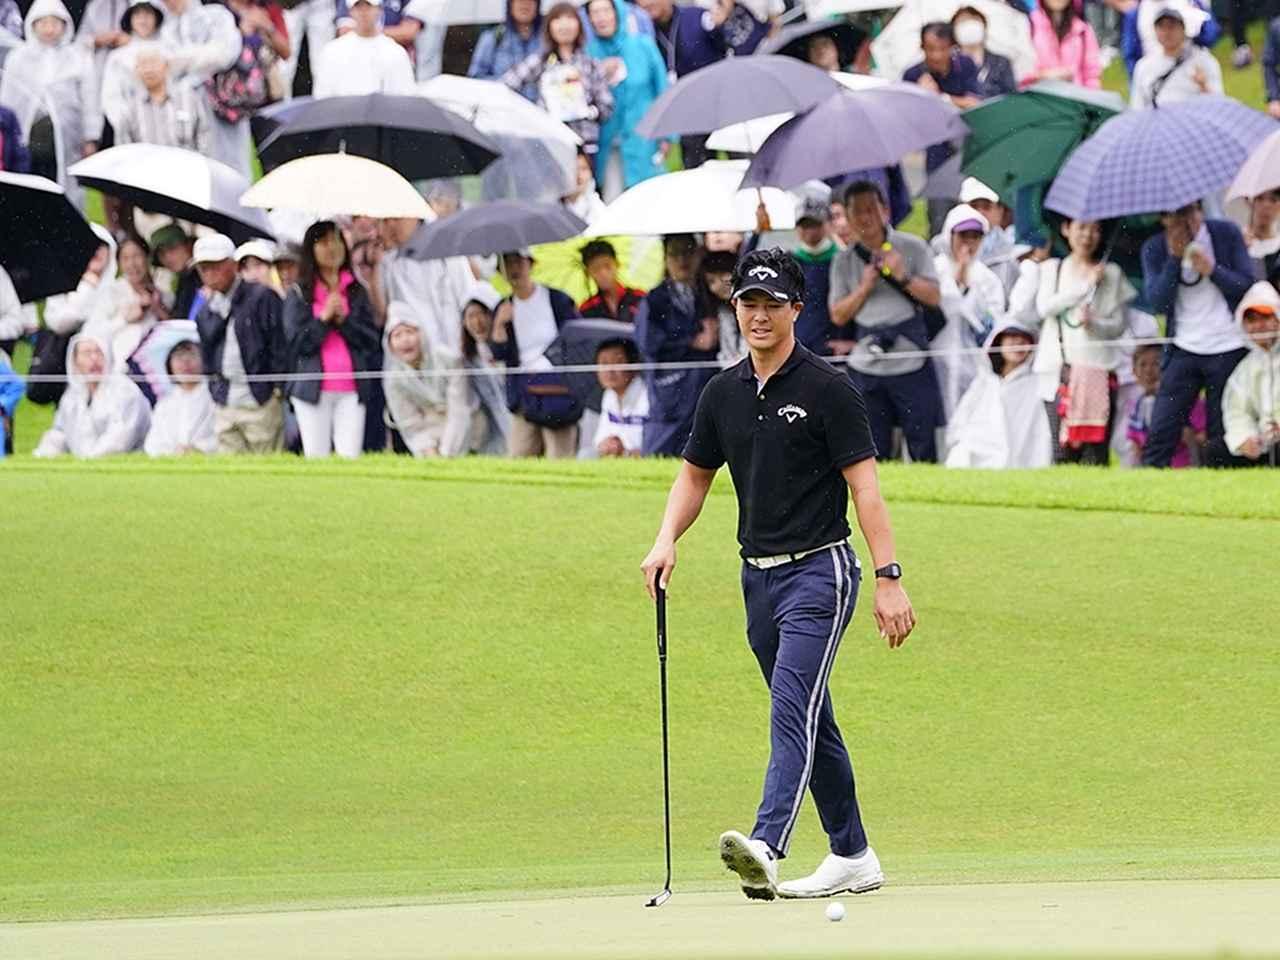 画像: 3週連続優勝がかかっていた石川遼。写真の5番ホールはパーで回ったが、続くパー5の6番ホールでバーディならず、逆転優勝の目が遠のいてしまう